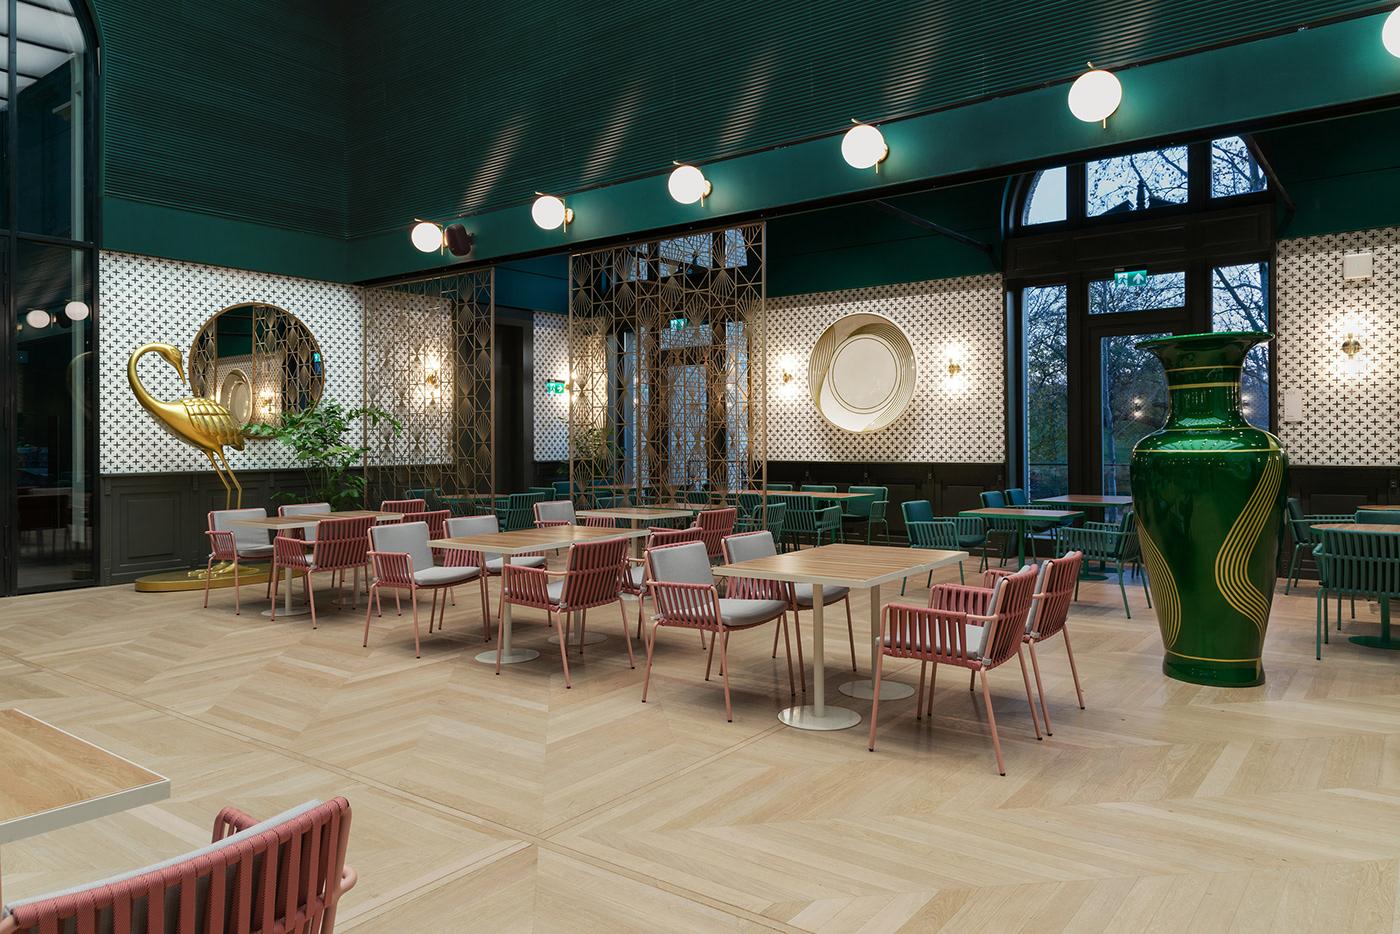 restaurant interior cafe interior Grand Cafe art nouveau Deep green interior Zsolnay